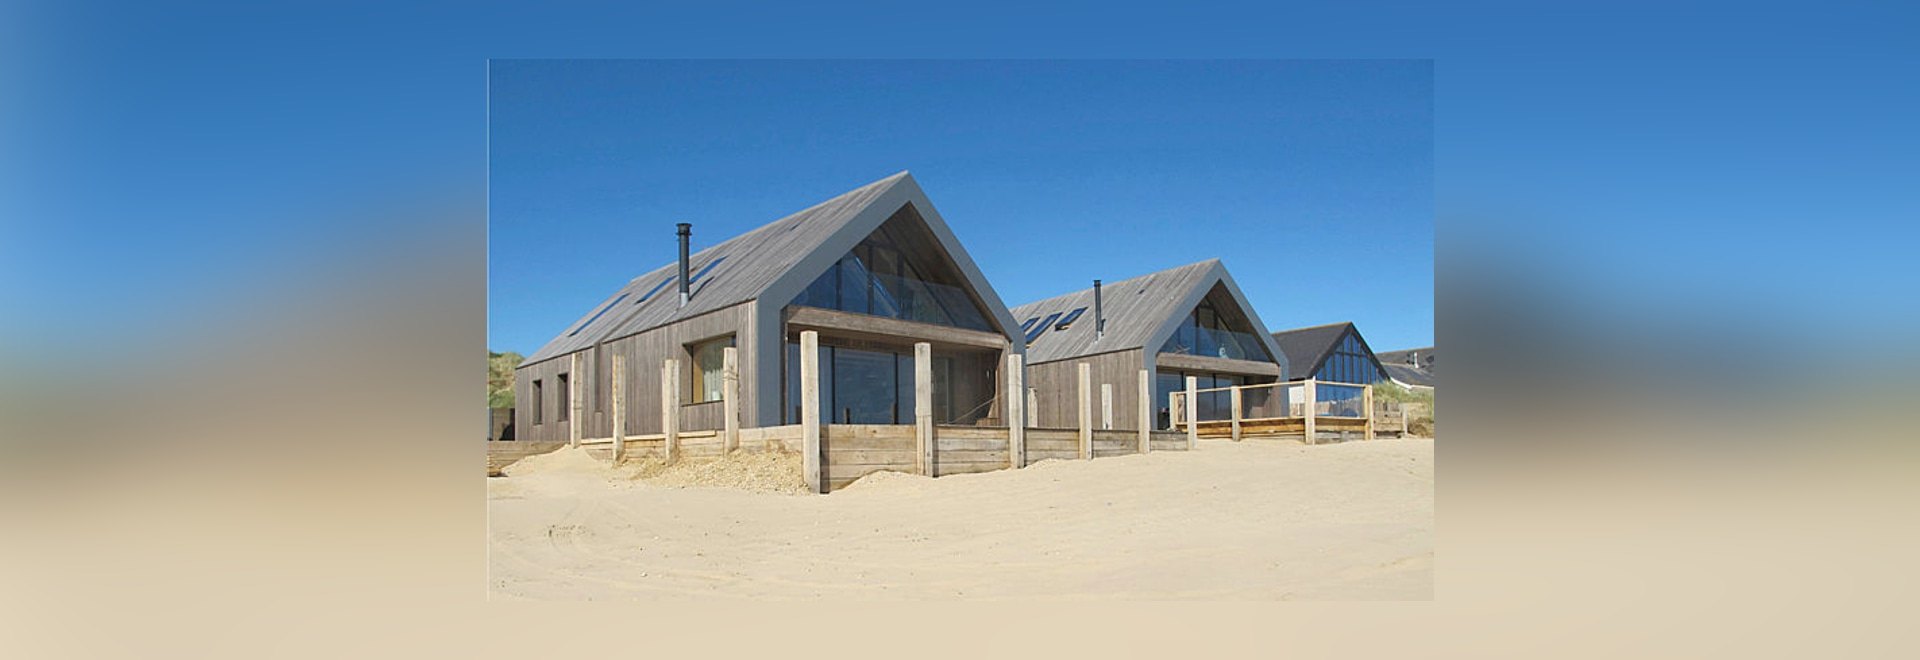 Kebonys kommen zeitgenössische Strand-Häuser, Sande zu krümmen - Kebony